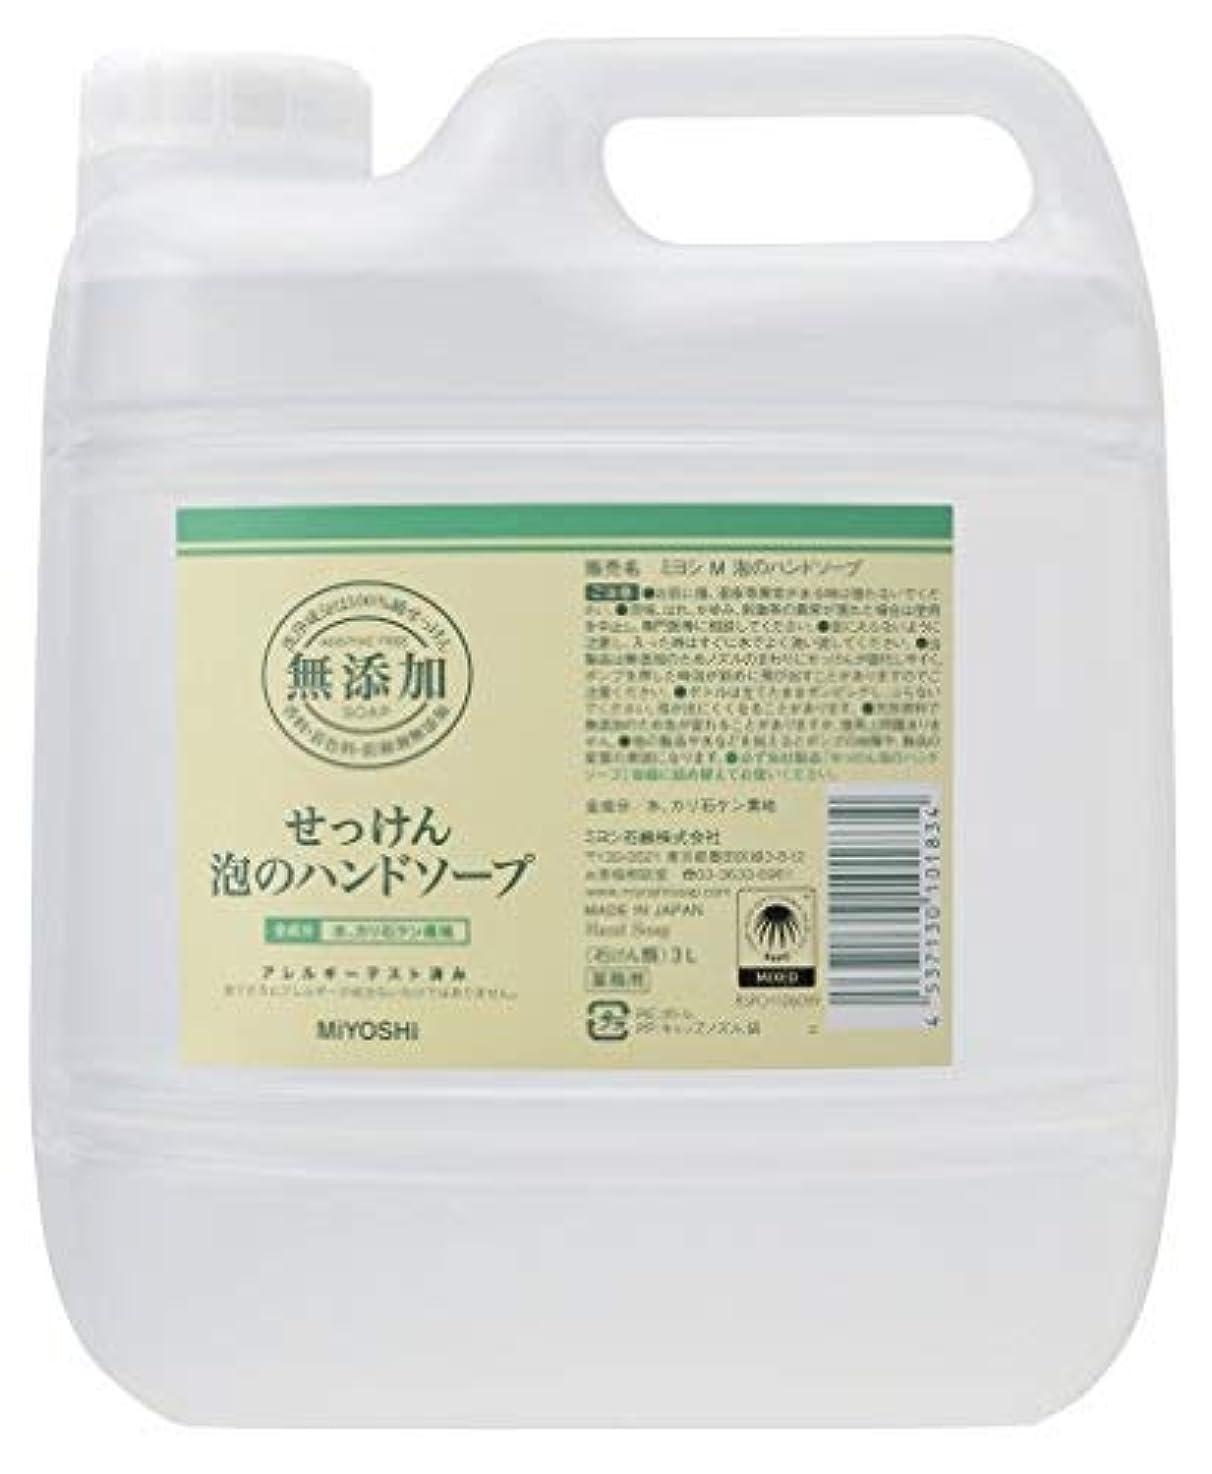 テザー社会病院【まとめ買い】無添加せっけん泡のハンドソープ 3L ×6個